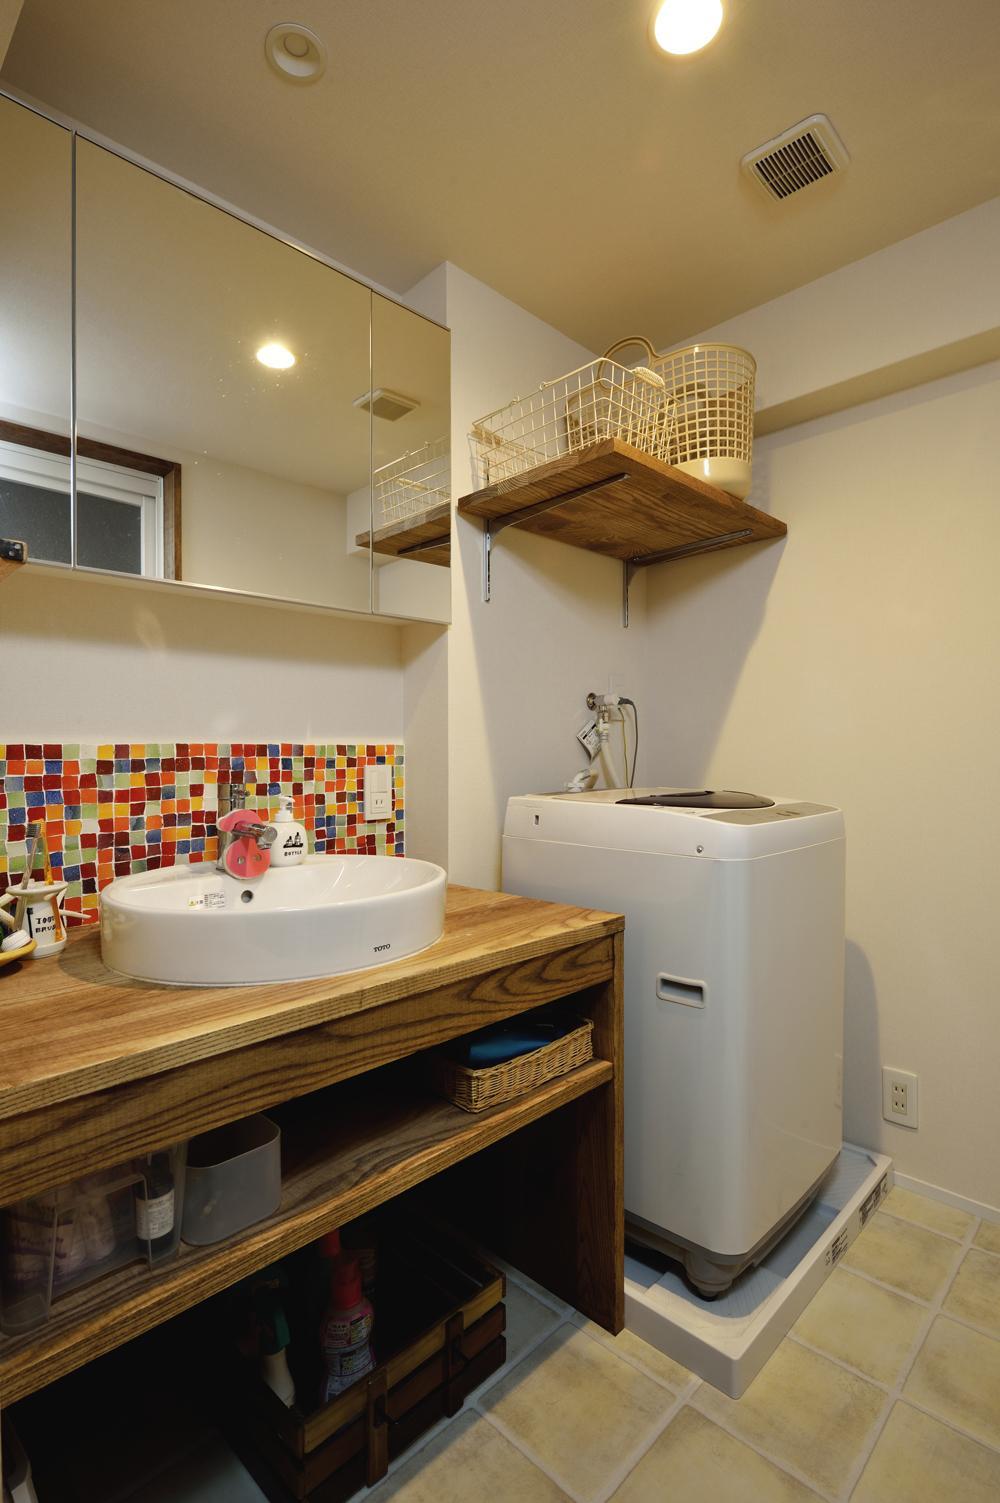 K邸・ビンテージマンションを自分色にの部屋 カラフルなタイルが印象的な洗面所